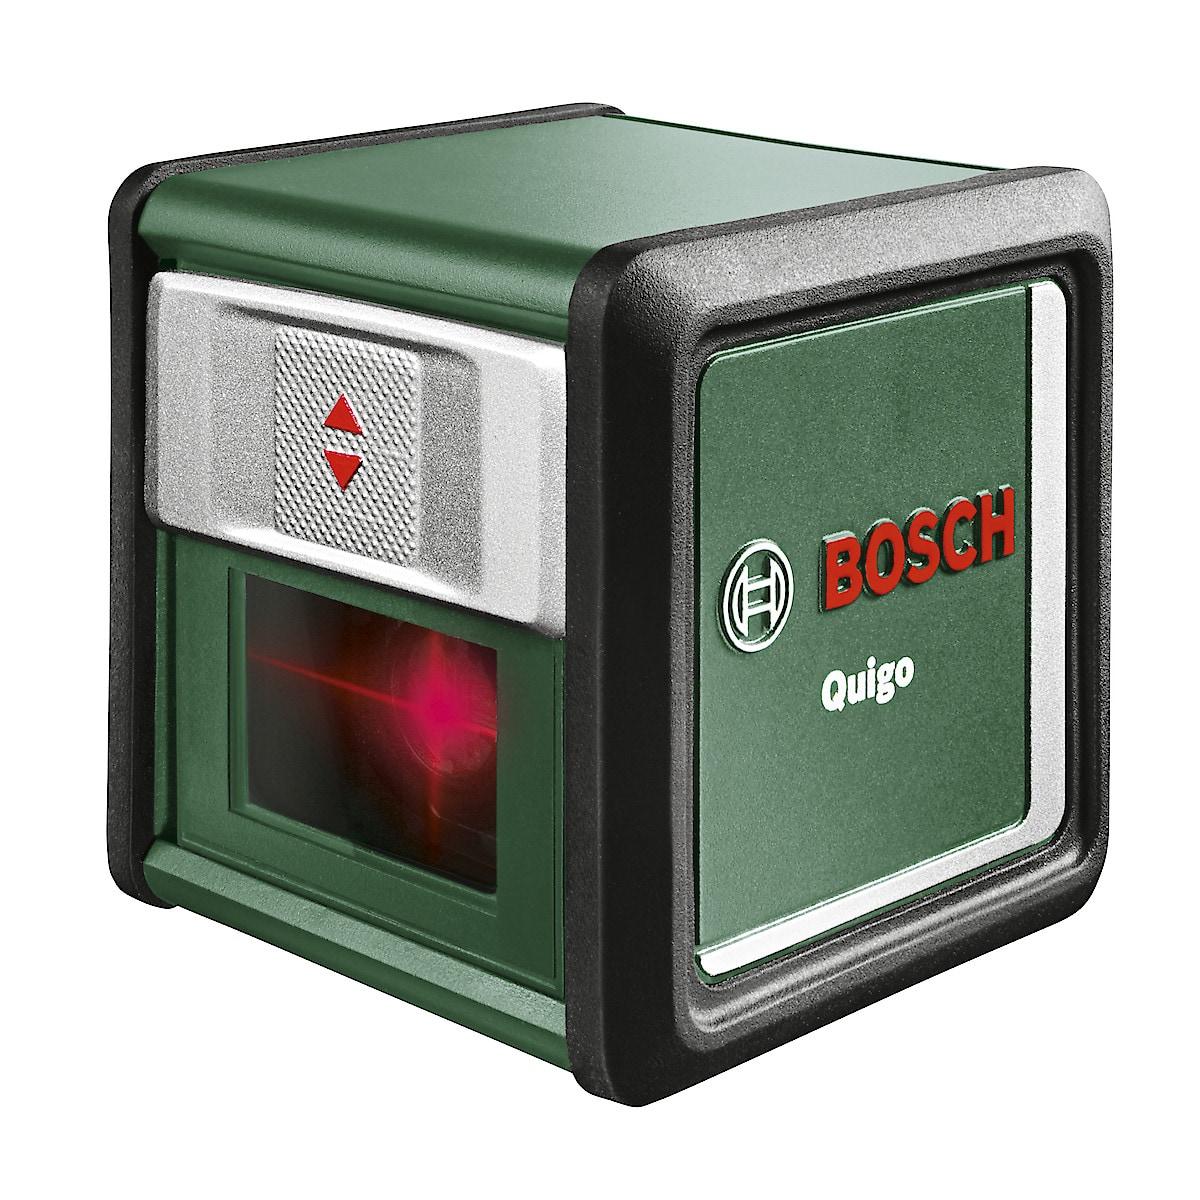 Krysslaser Bosch Quigo III